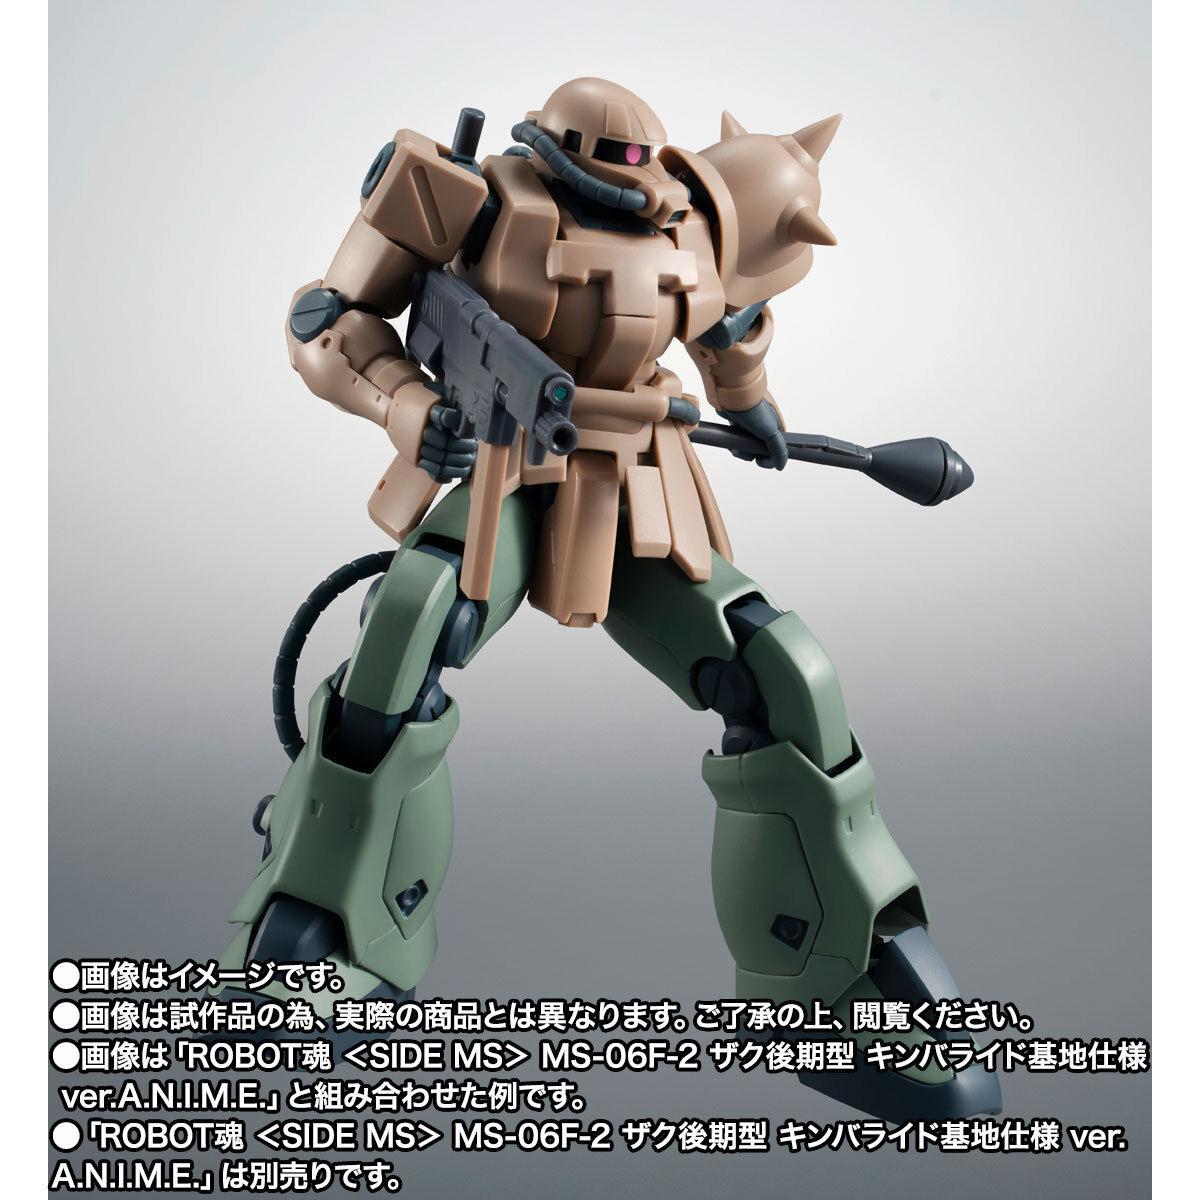 【限定販売】ROBOT魂〈SIDE MS〉『MS-06F-2 ザクII F2型(ノイエン・ビッター)ver. A.N.I.M.E.』ガンダム0083 可動フィギュア-006